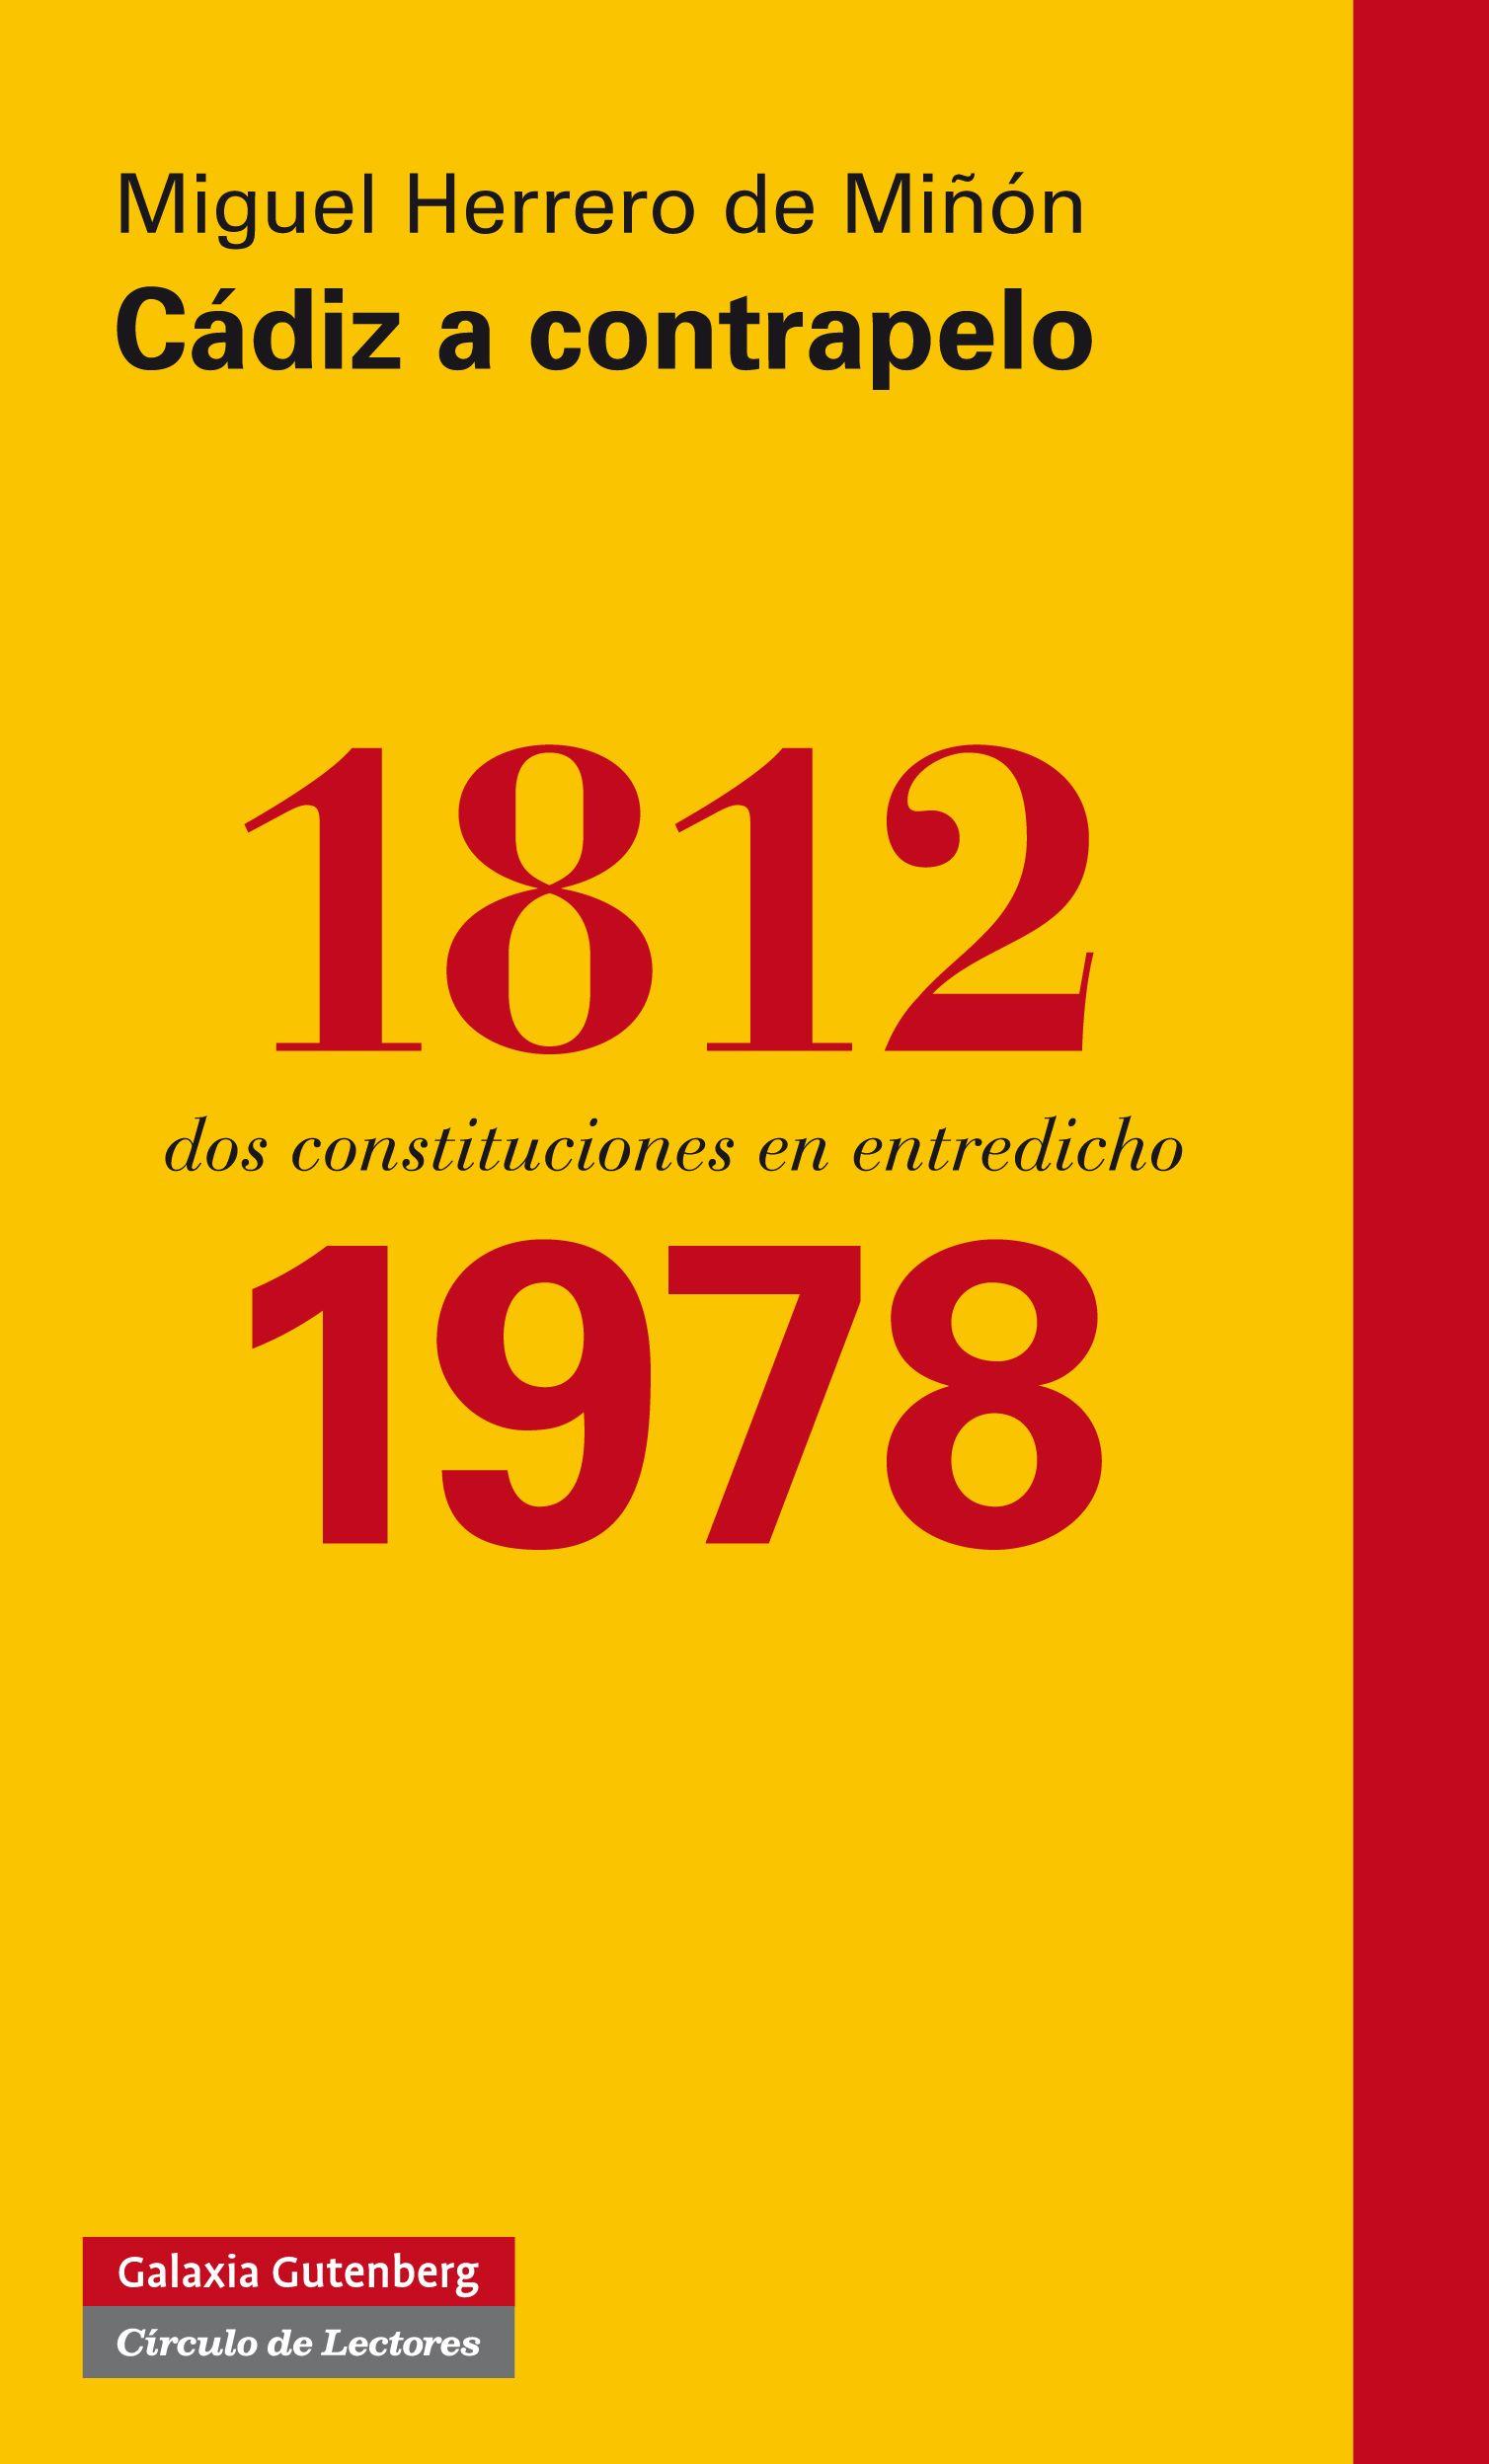 Herrero de Miñón, Miguel Cádiz a contrapelo : 1812-1978 : dos constituciones en entredicho. Círculo de Lectores, 2013